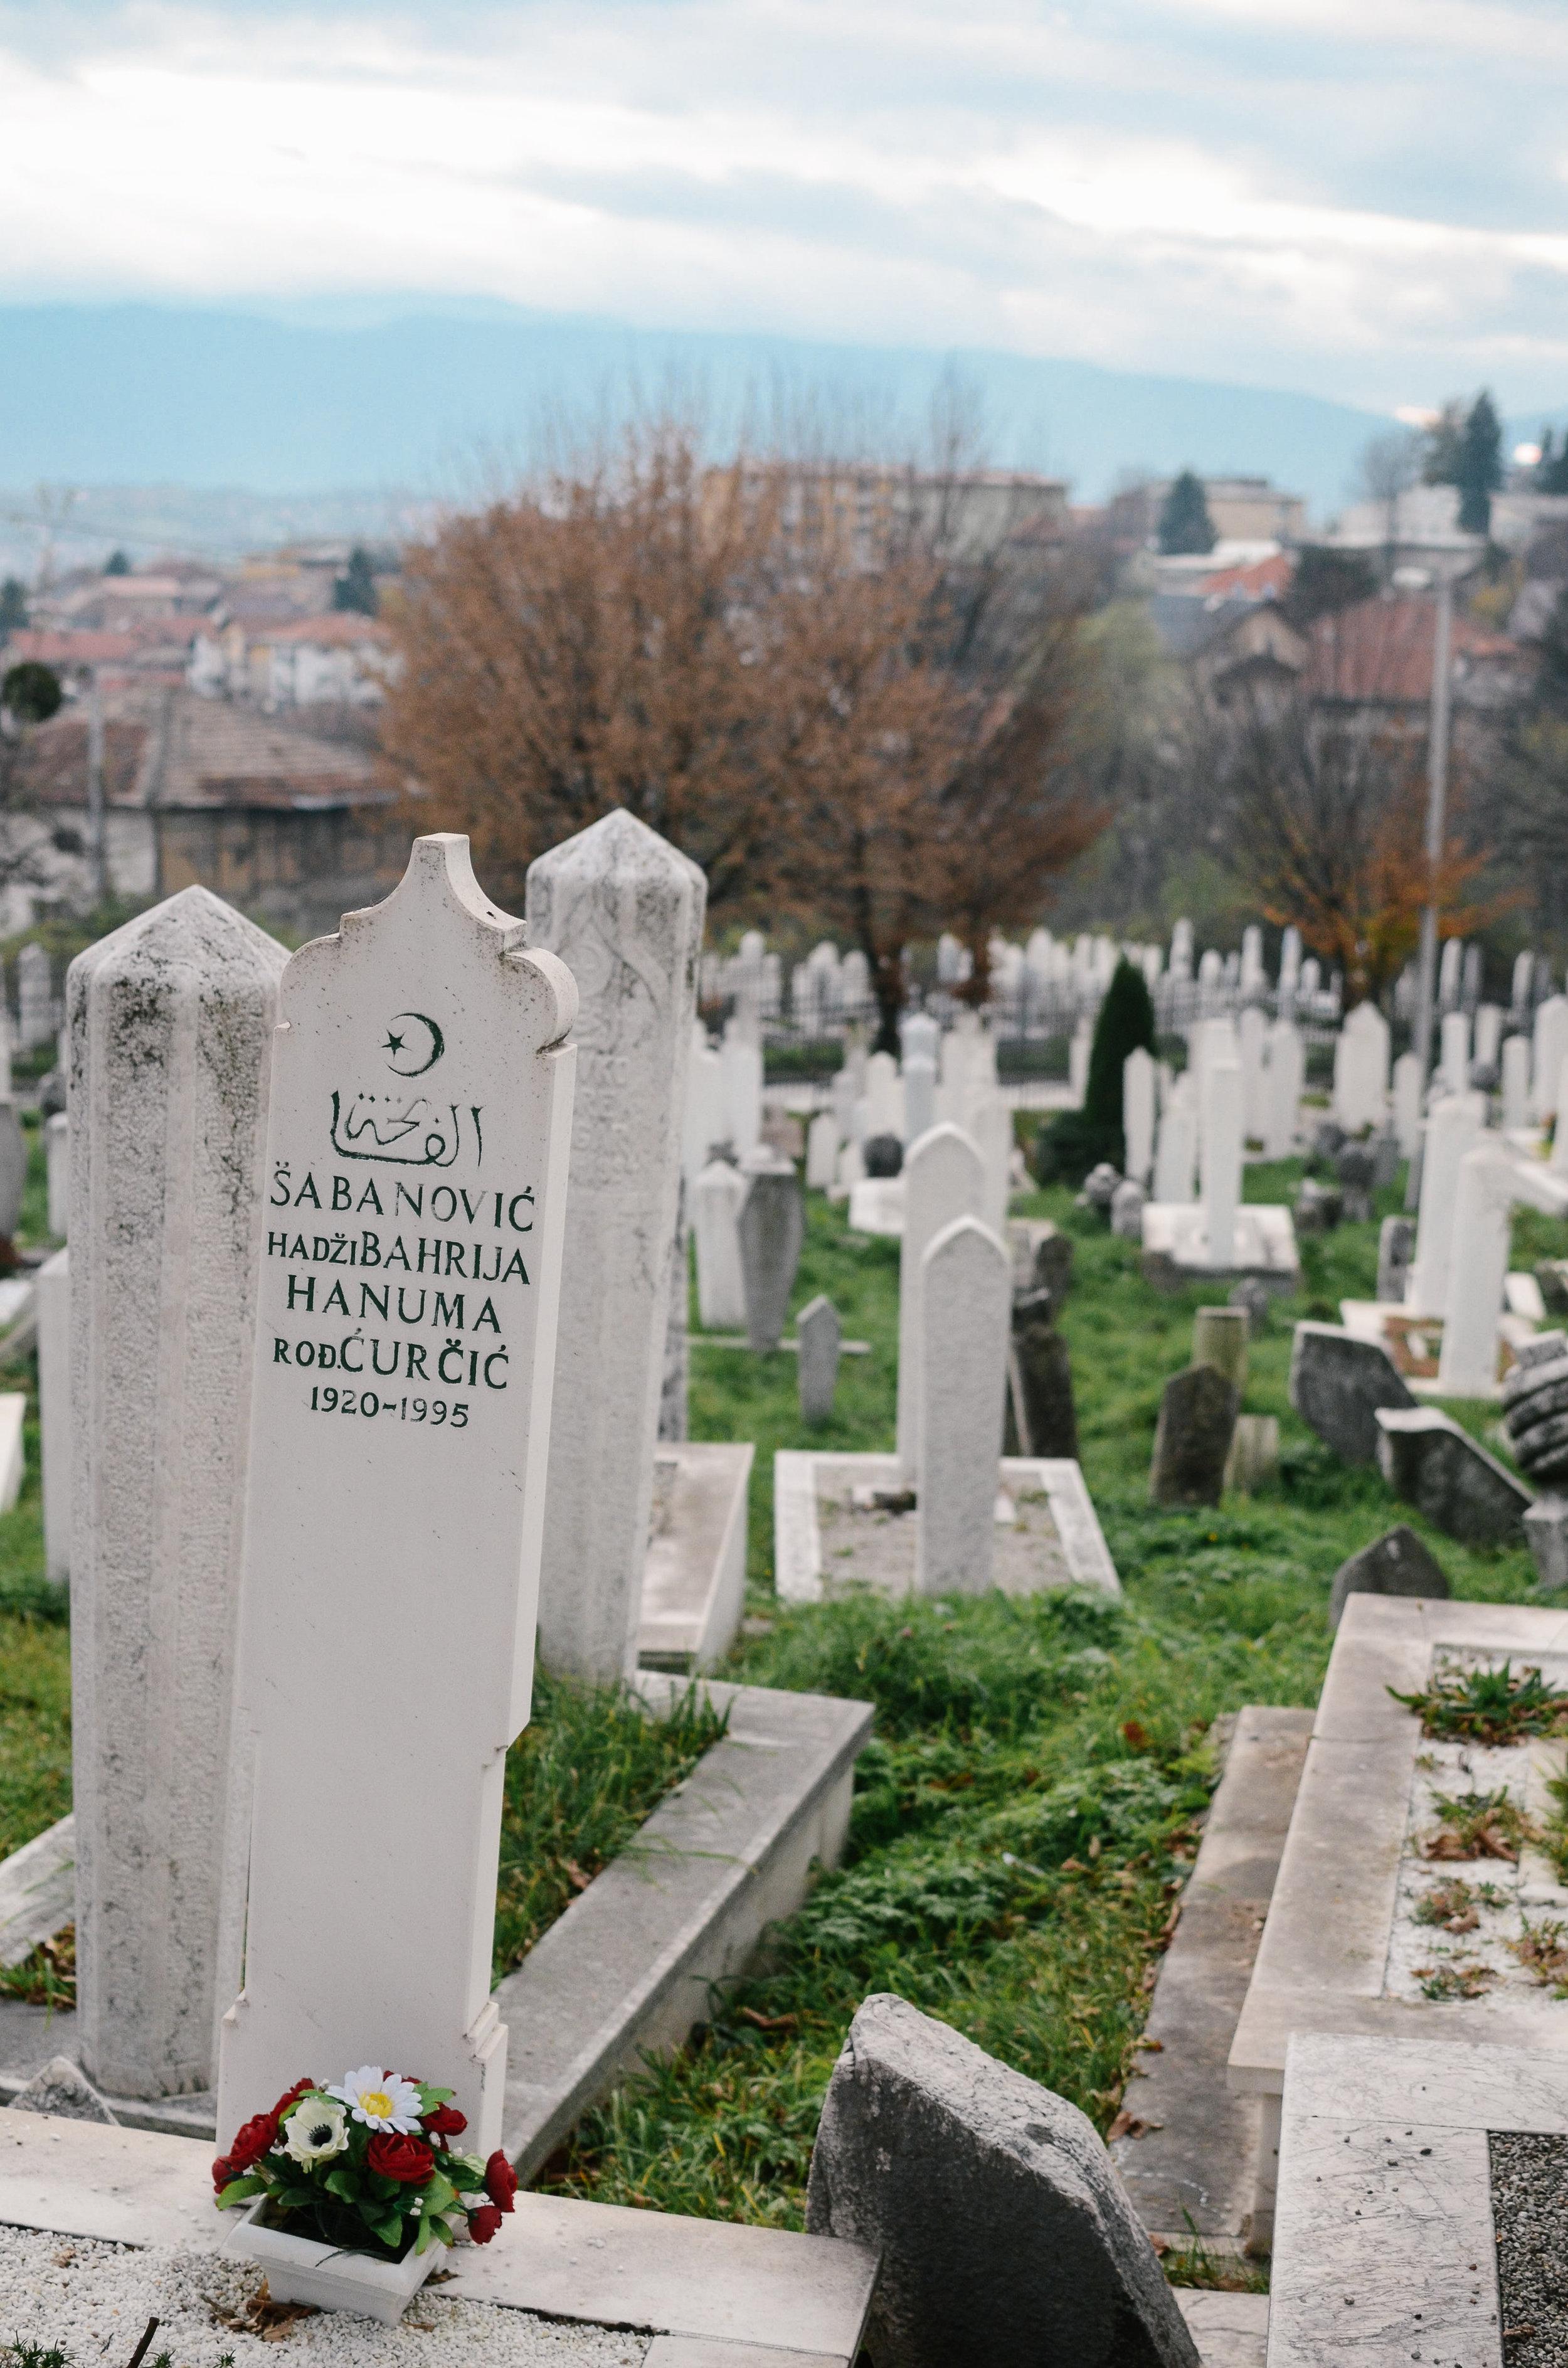 bosnia-travel-sarajevo-guide-lifeonpine_DSC_2932.jpg